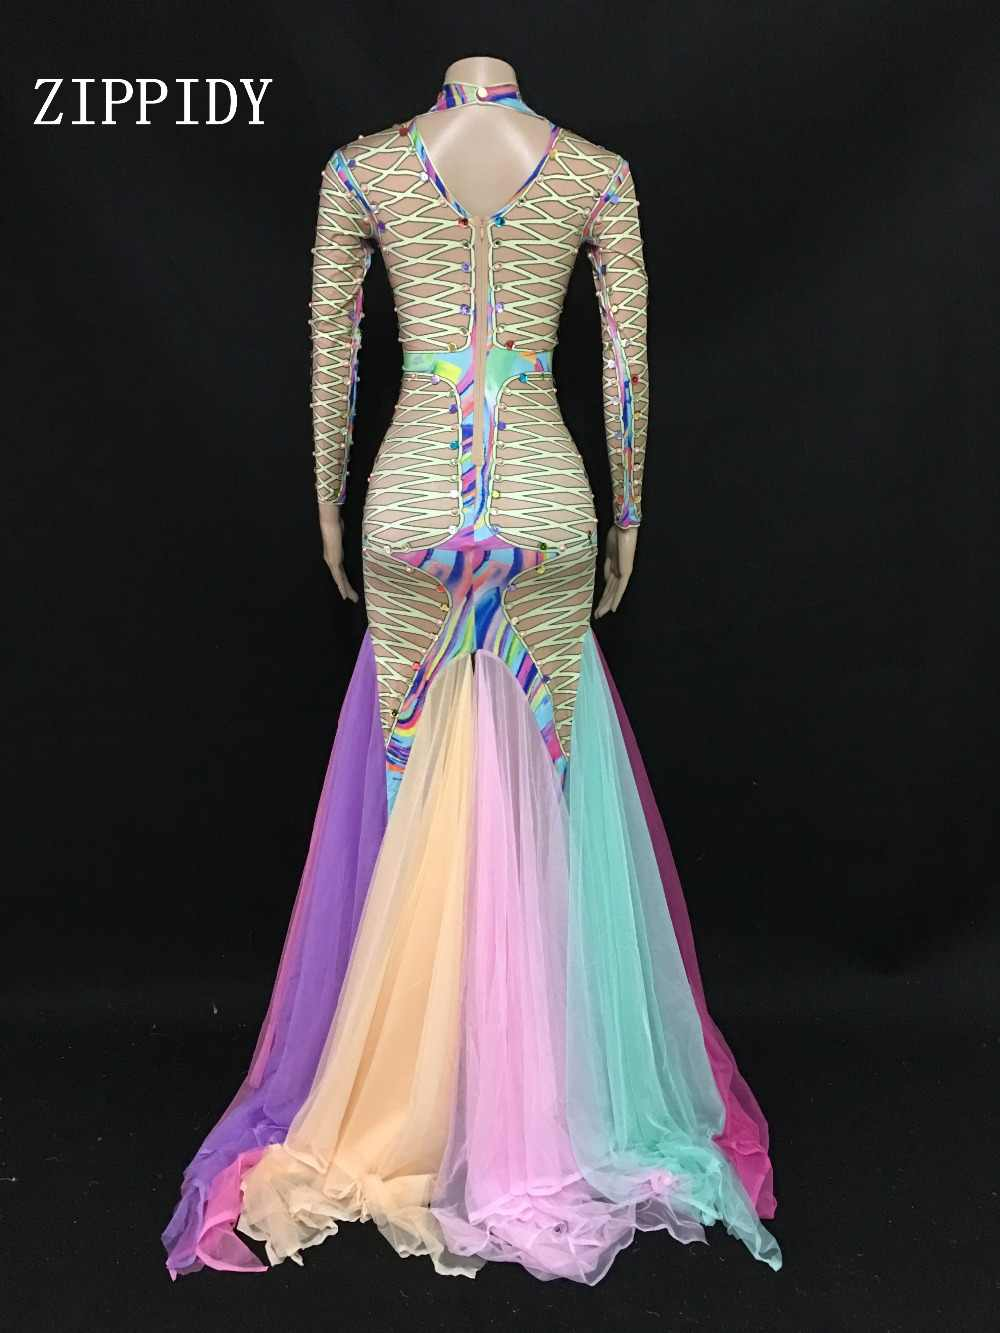 Разноцветное Сетчатое платье с длинными рукавами, танцевальный сценический костюм певицы, цельное длинное платье, женский день рождения, празднование